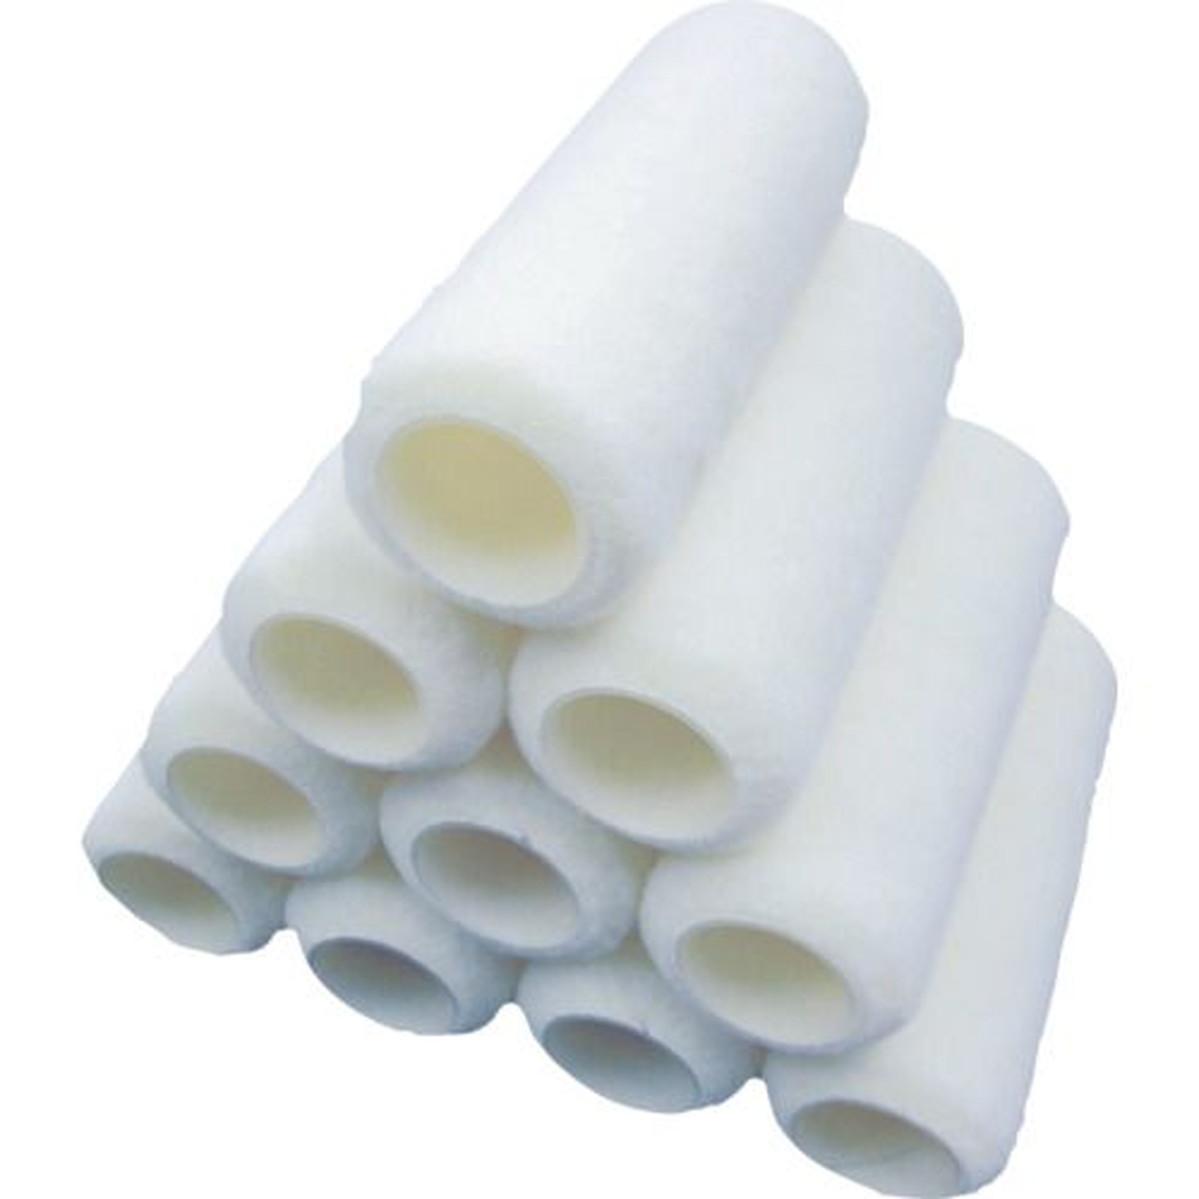 人気カラーの TRUSCO まとめ買い レギュラーローラー万能用7インチ毛丈13MM 1箱 50本入 TRUSCO 1箱, 陶匠大雅:338a0de9 --- zhungdratshang.org